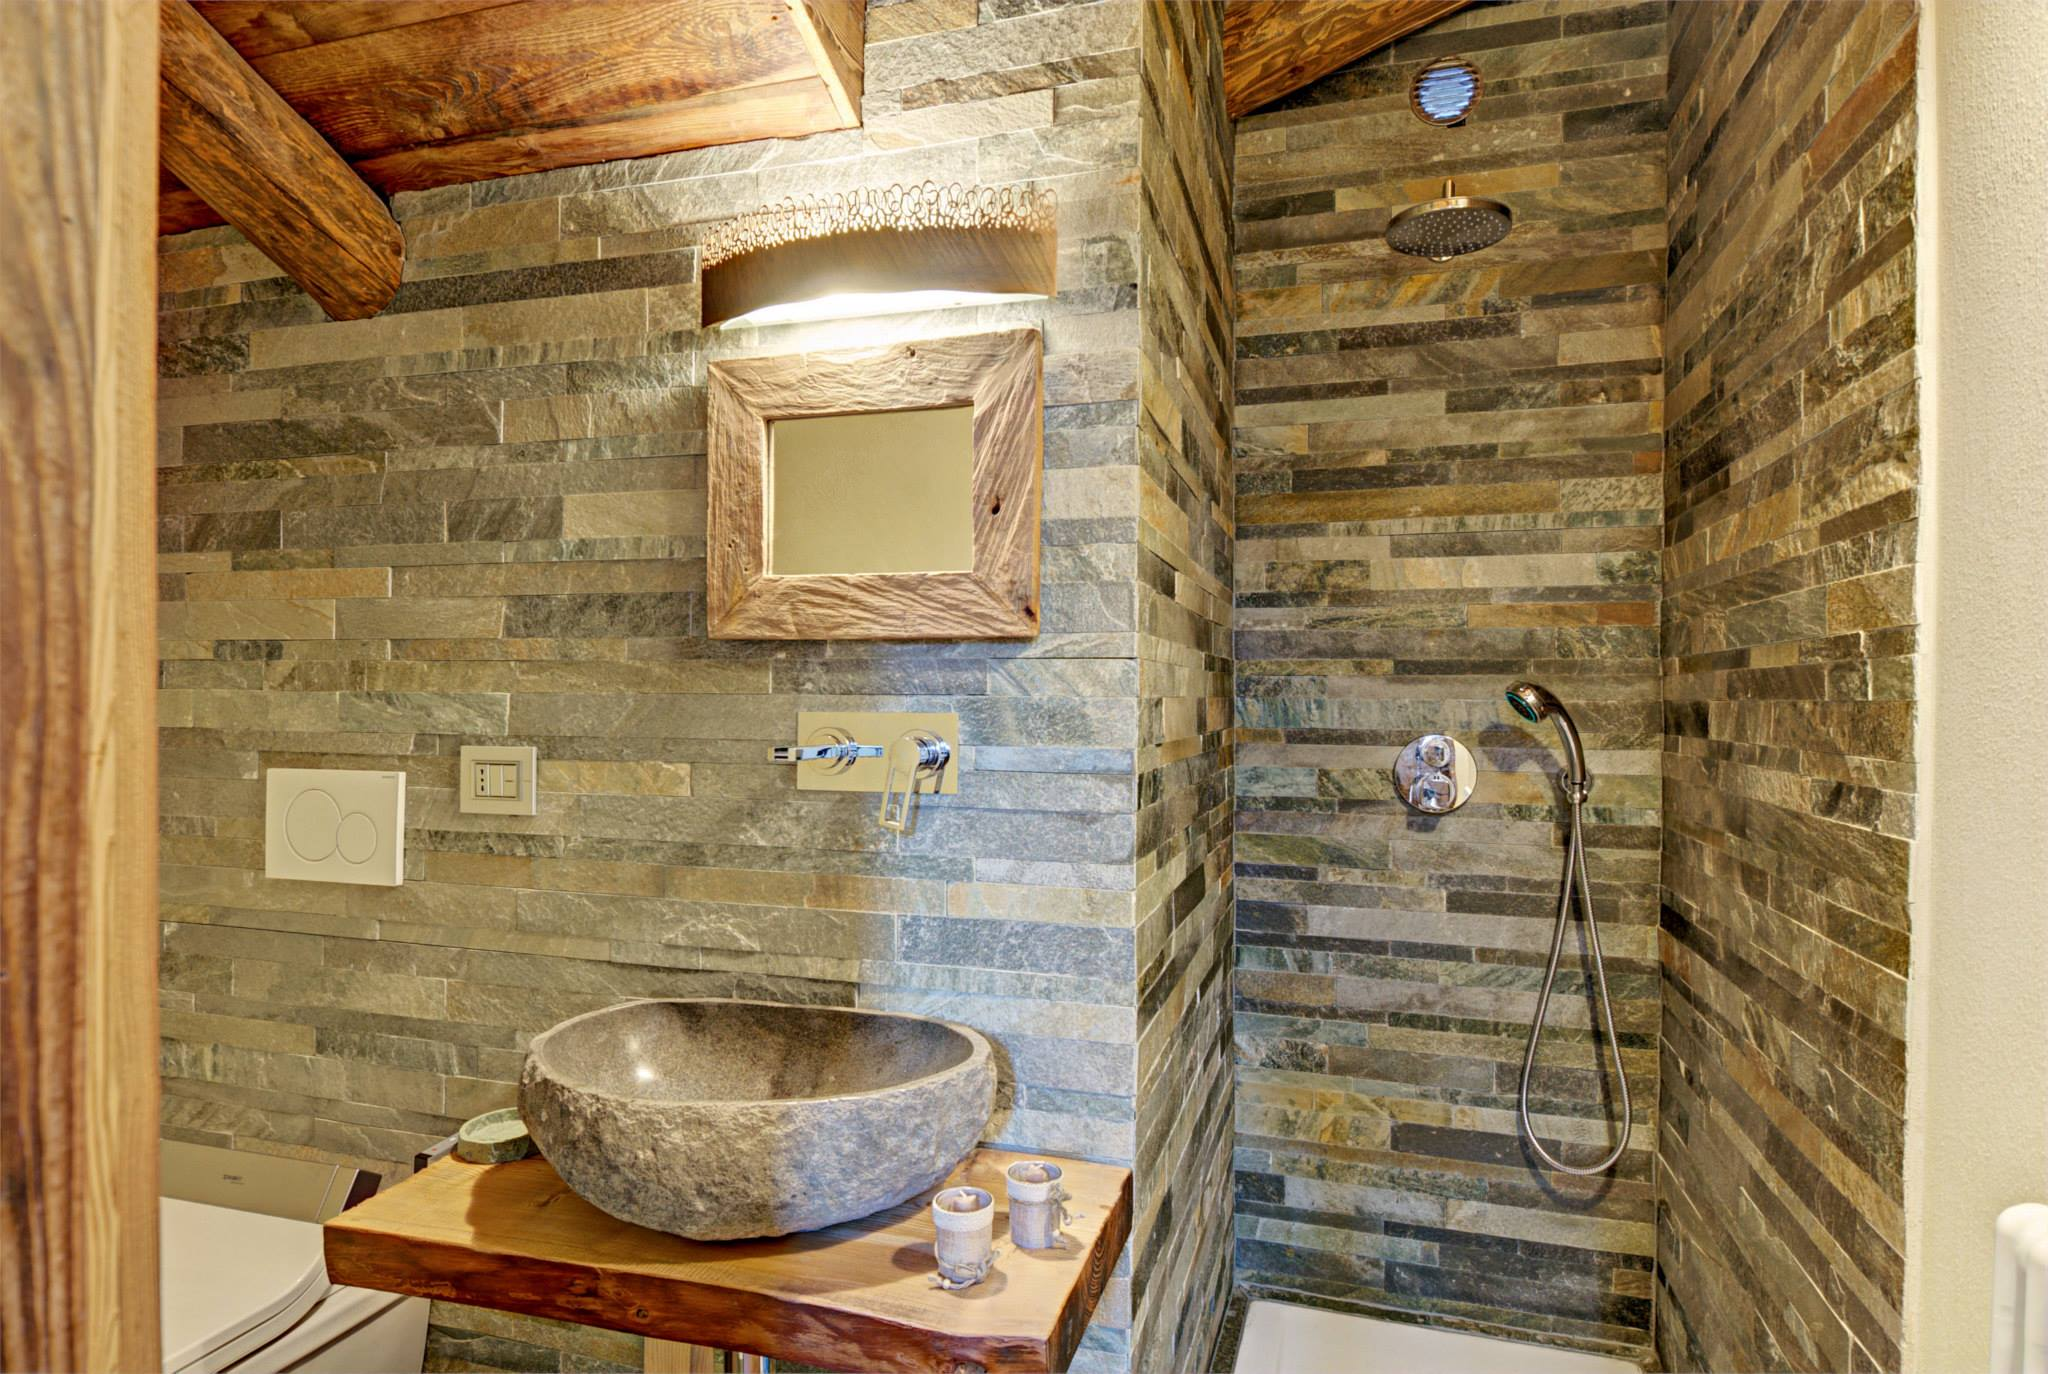 Pisos Para Baños Rusticos Modernos:Lavatorio del cuarto de baño de piedra reposa sobre una mesa de